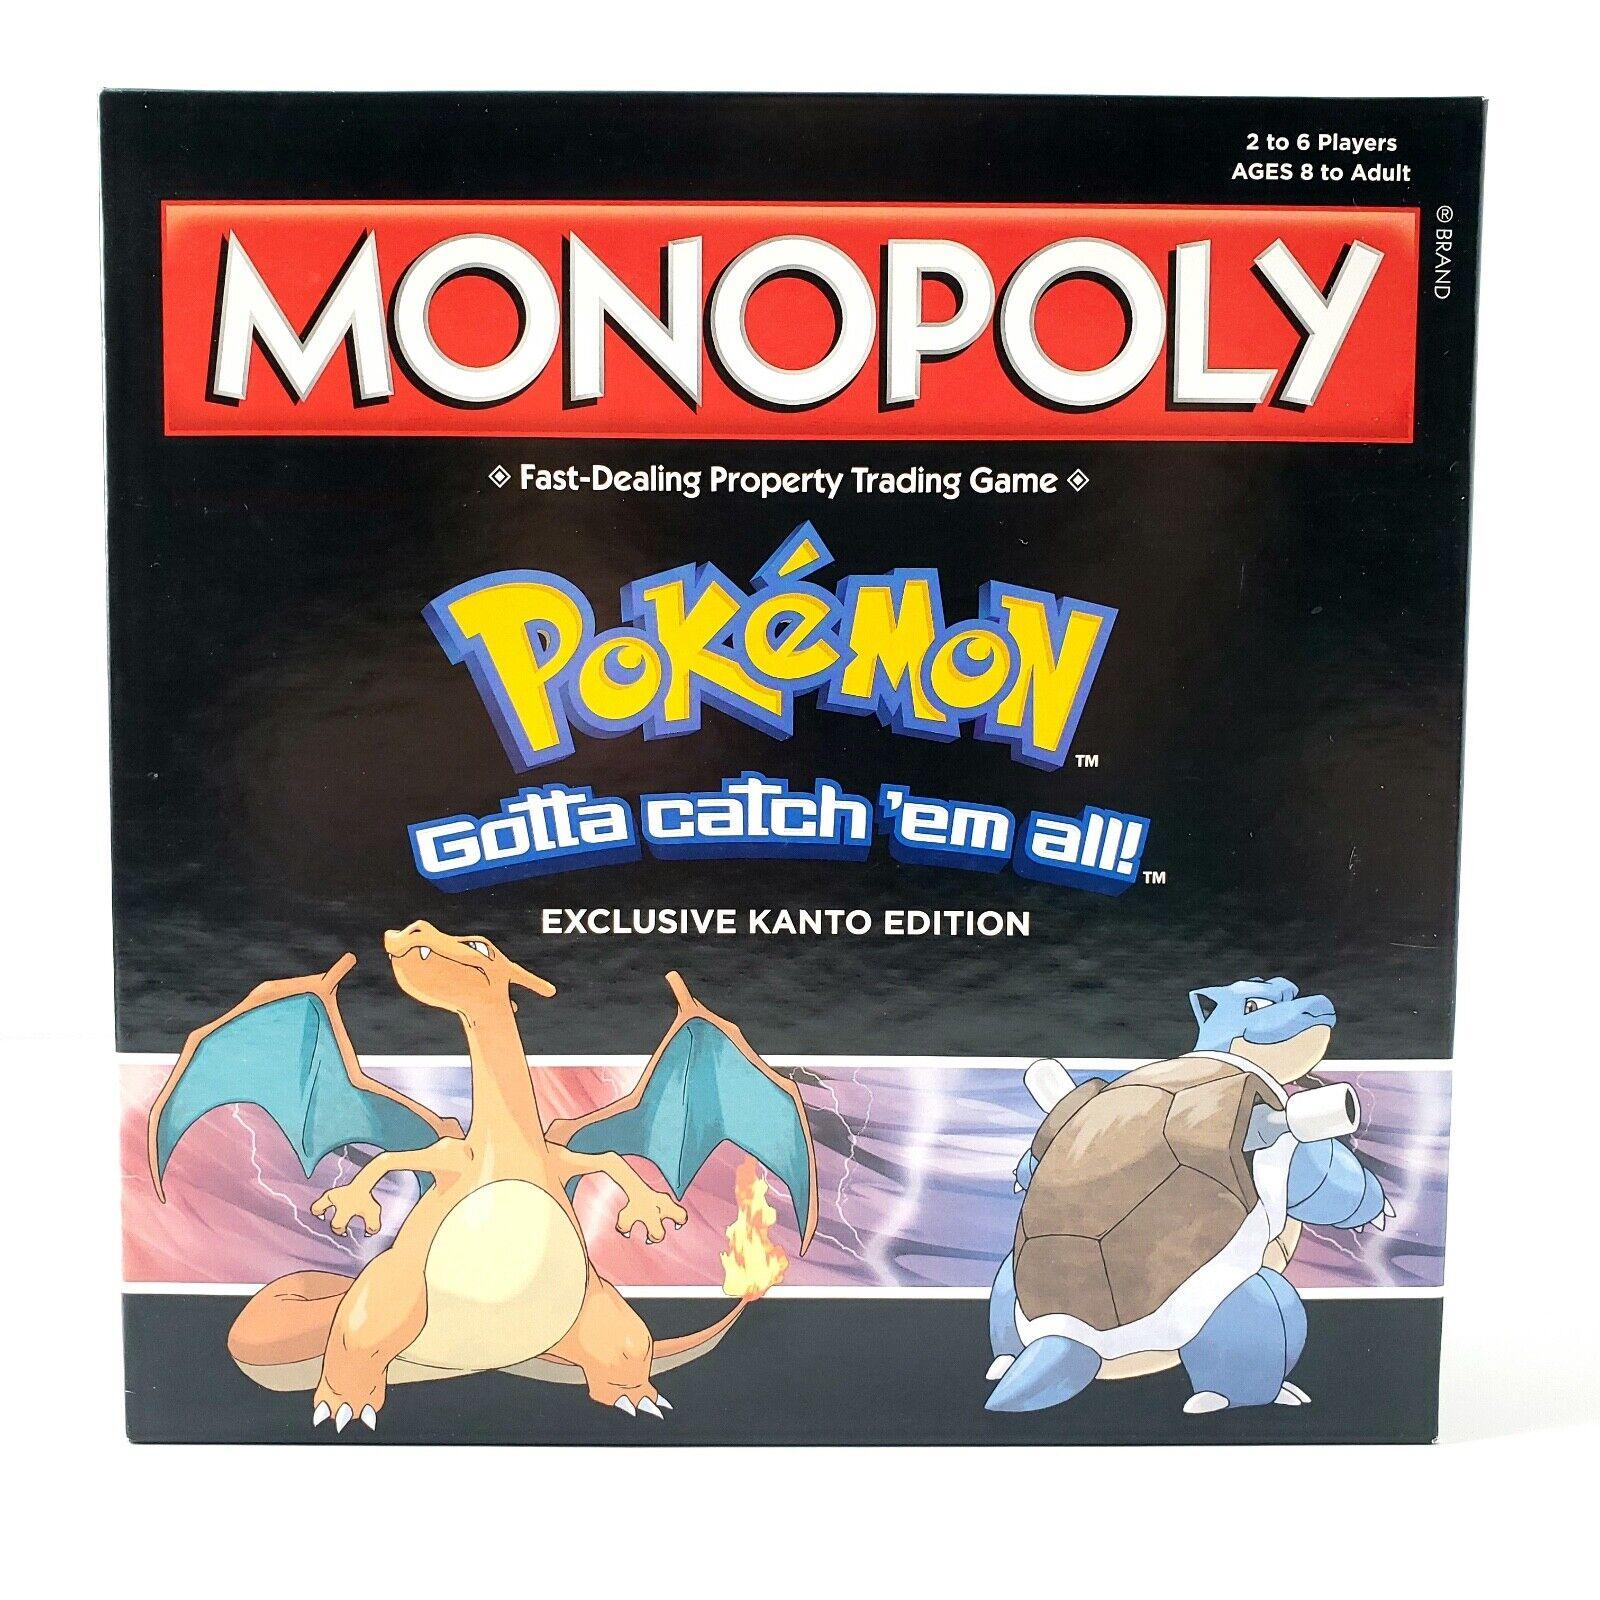 Monopoly Pokemon Exclusive  Kanto Edition Board Game Complete In Box Mint Pieces  pour votre style de jeu aux meilleurs prix